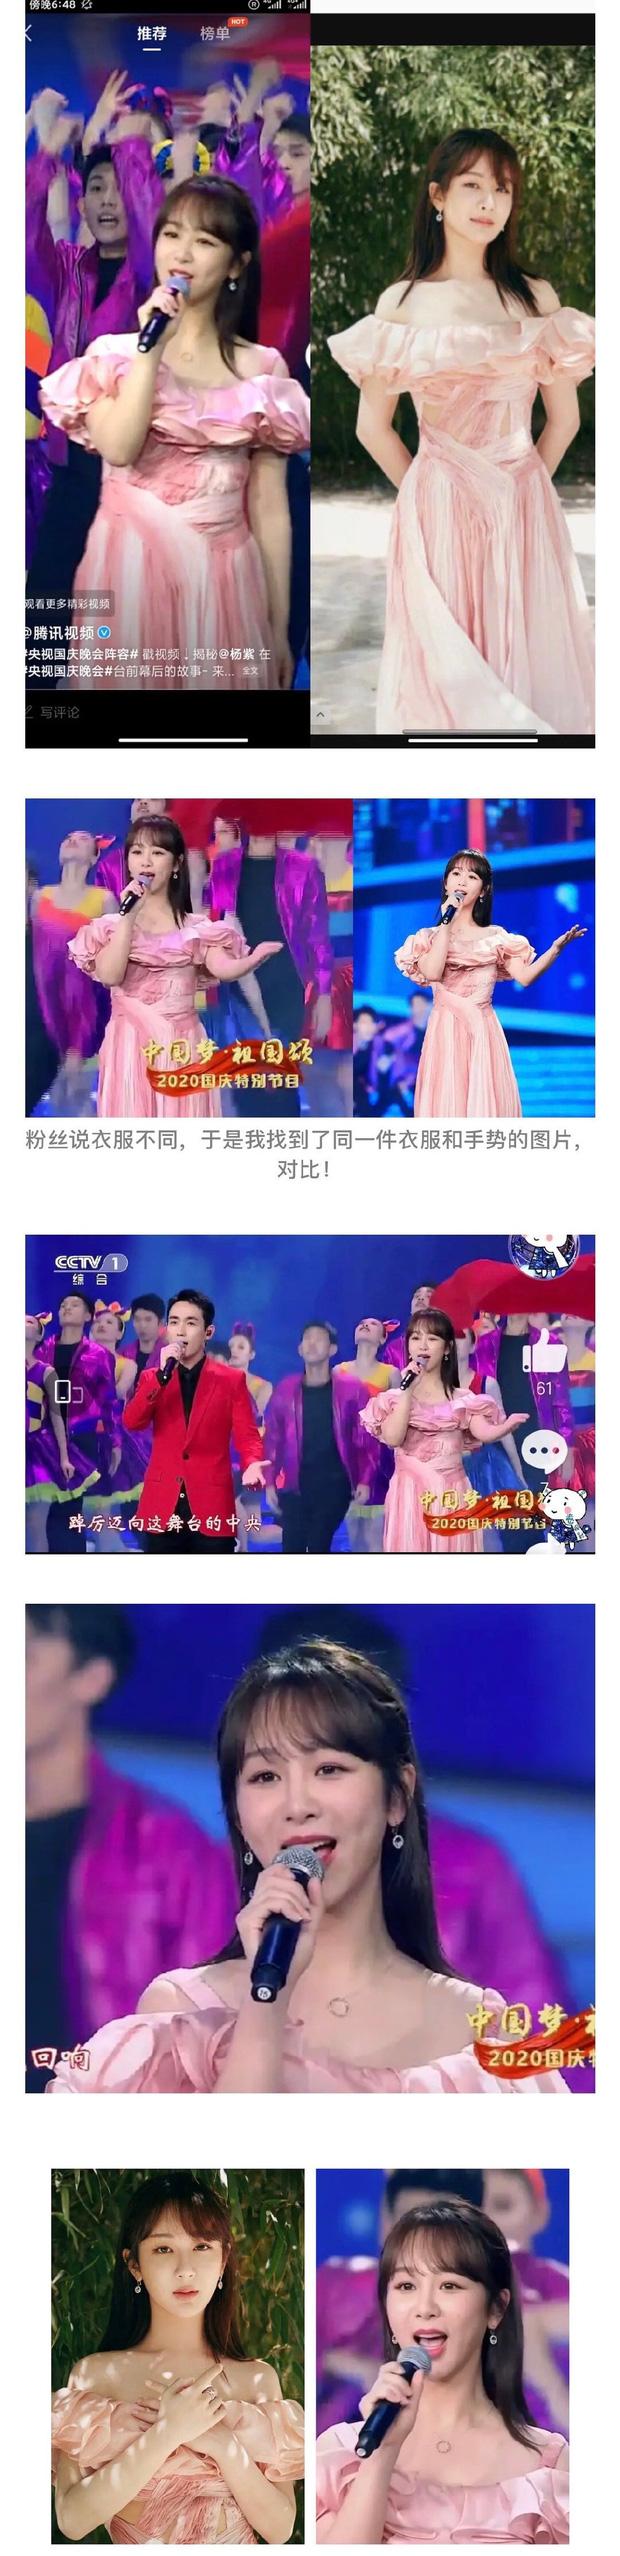 Ầm ĩ trên Weibo: Mỹ nhân Thượng Cổ Tình Ca đá xéo Dương Tử chỉnh ảnh ảo tung chảo, Cnet khẩu chiến quyết liệt - Ảnh 3.